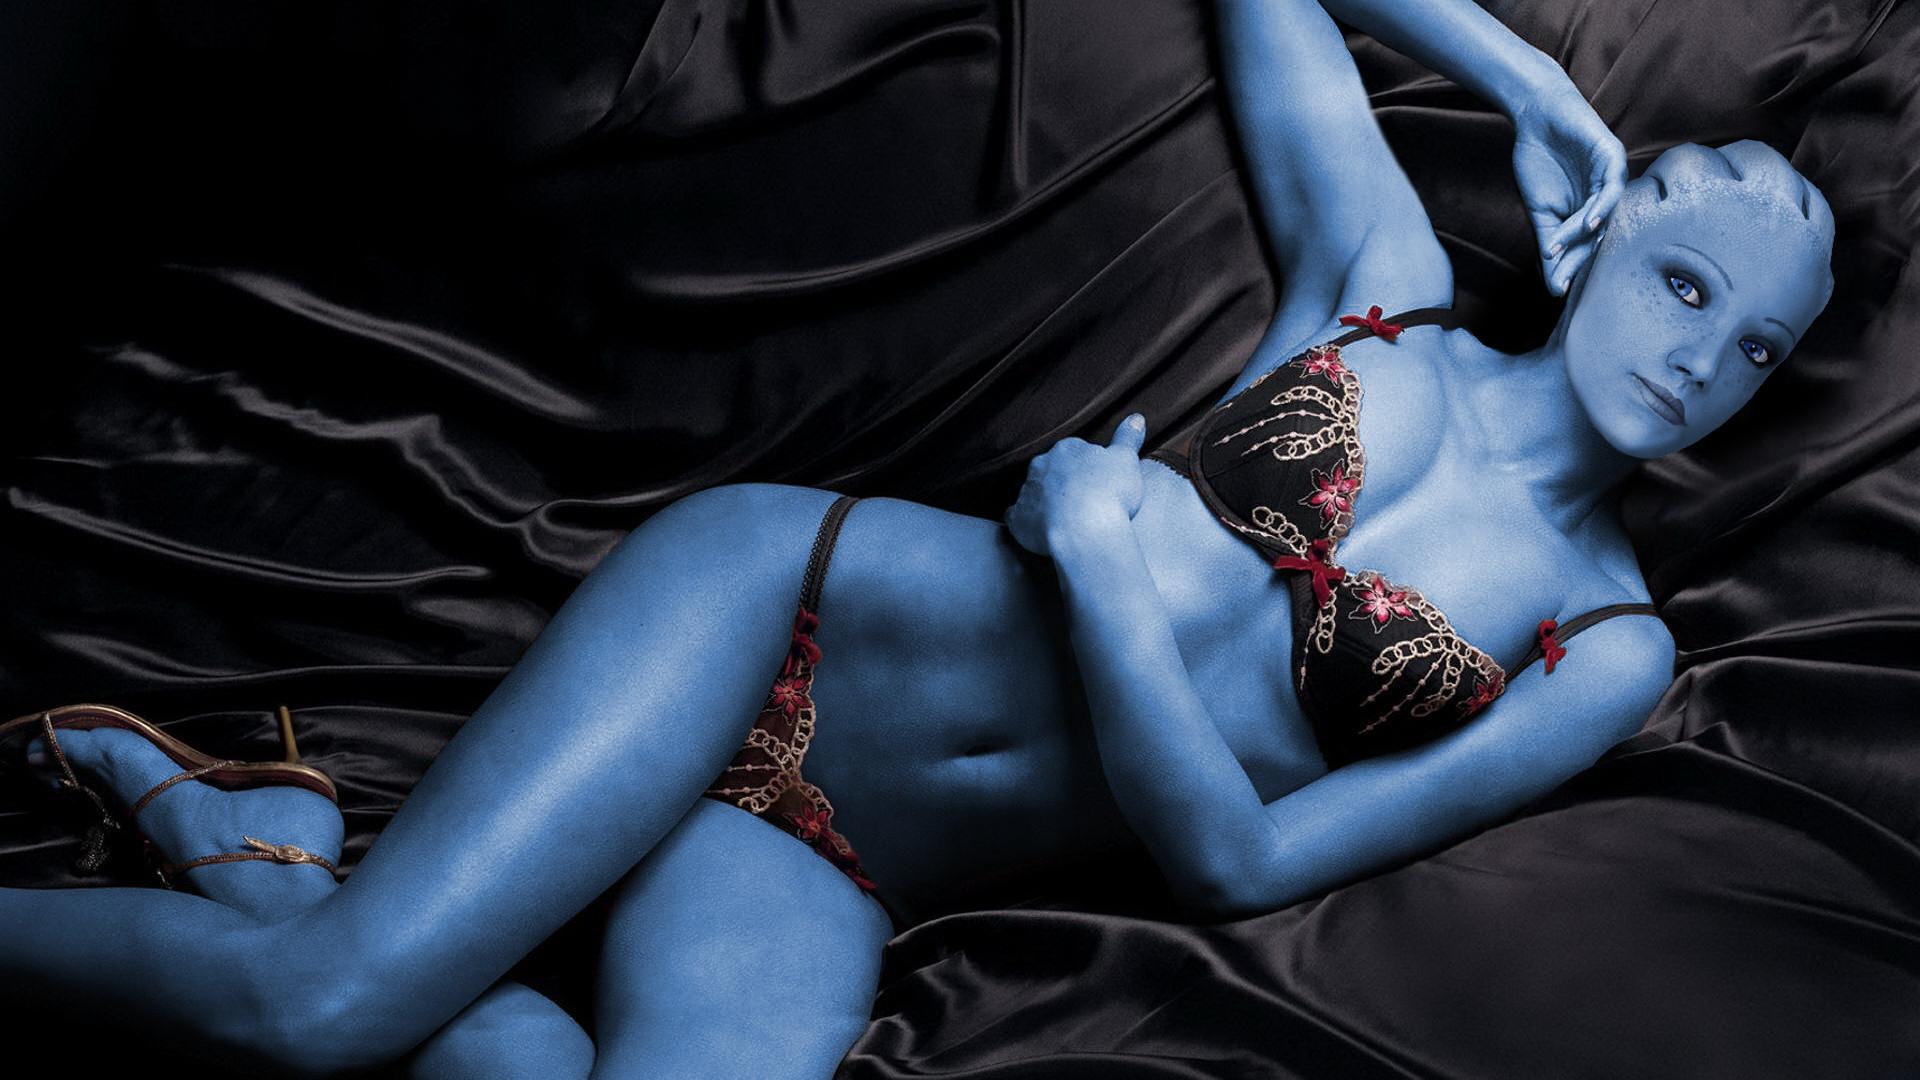 Sexy liara porn pic erotica photos